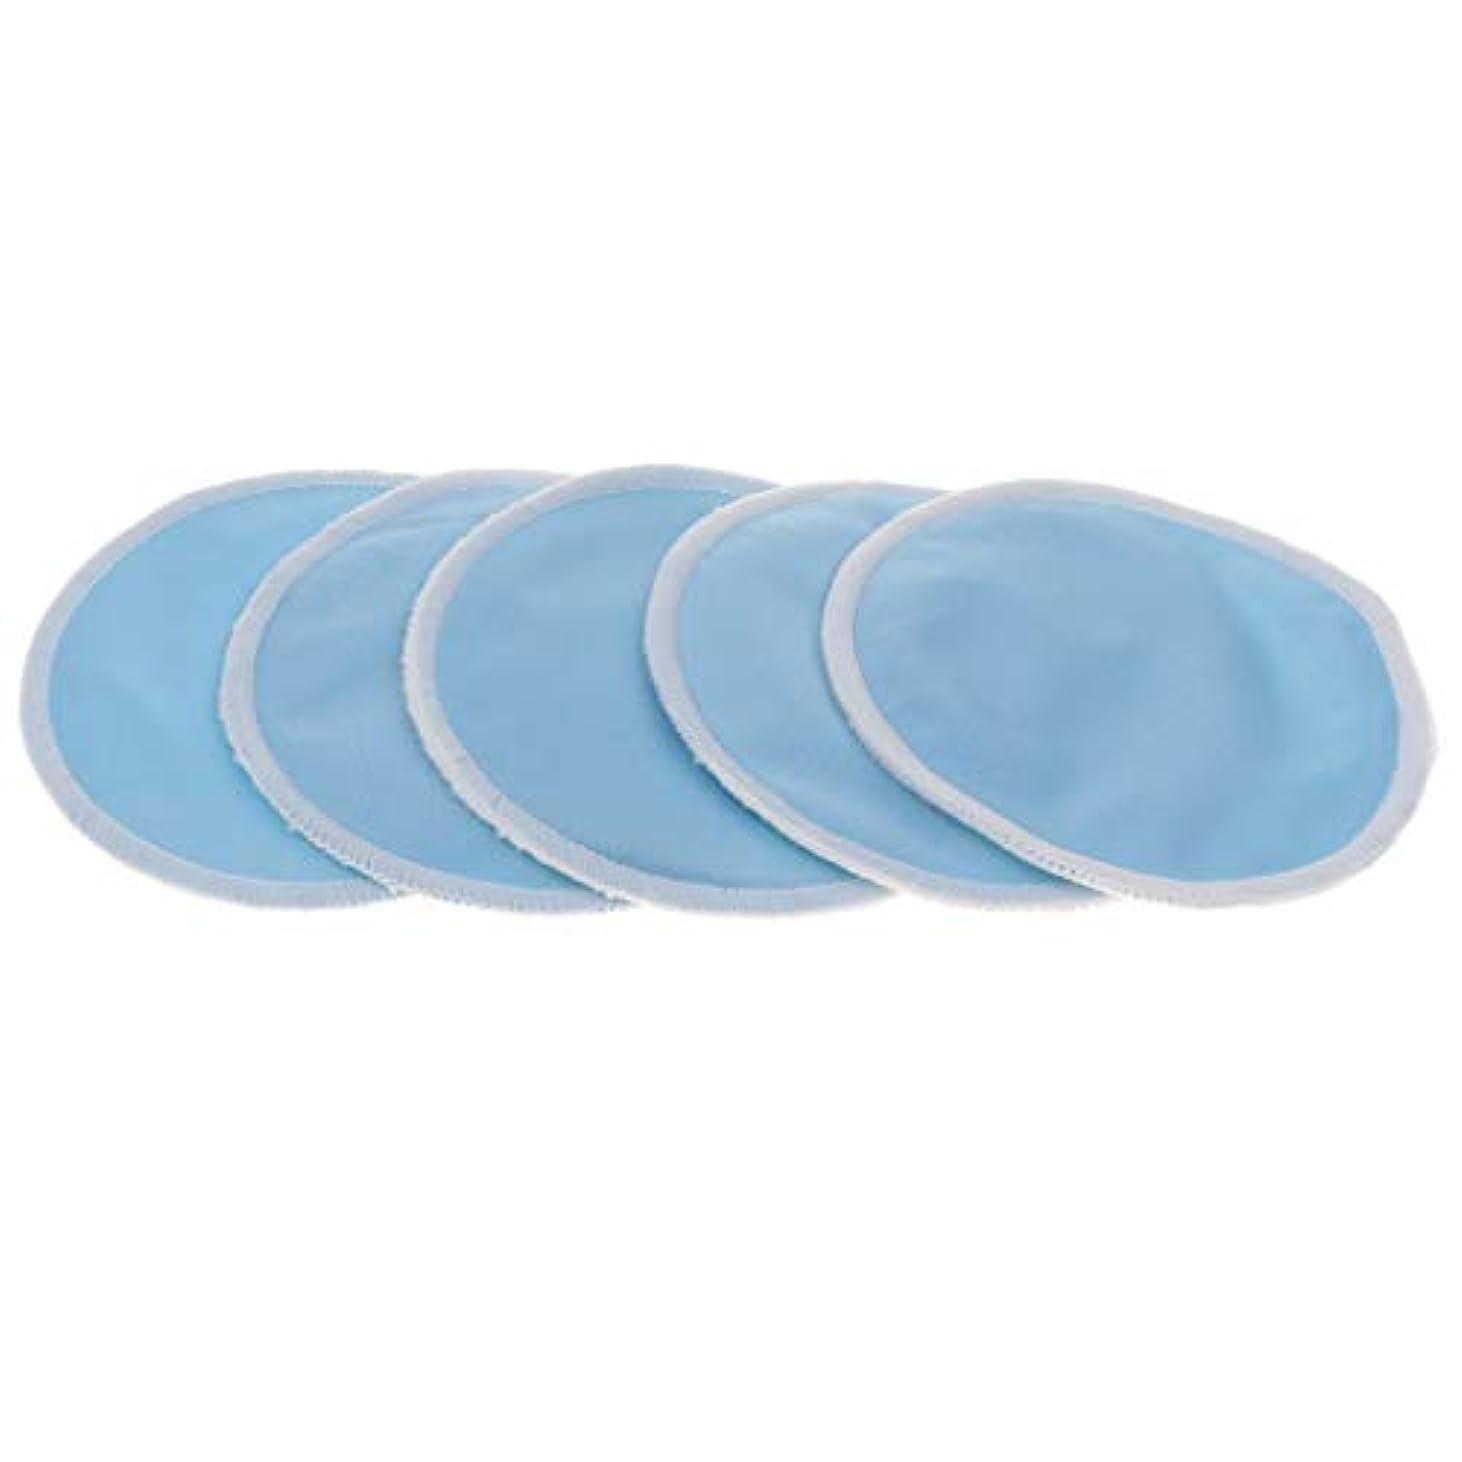 ロードブロッキング忙しい権限を与える胸パッド クレンジングシート メイクアップ 竹繊維 円形 12cm 洗濯可能 再使用可 5個 全5色 - 青